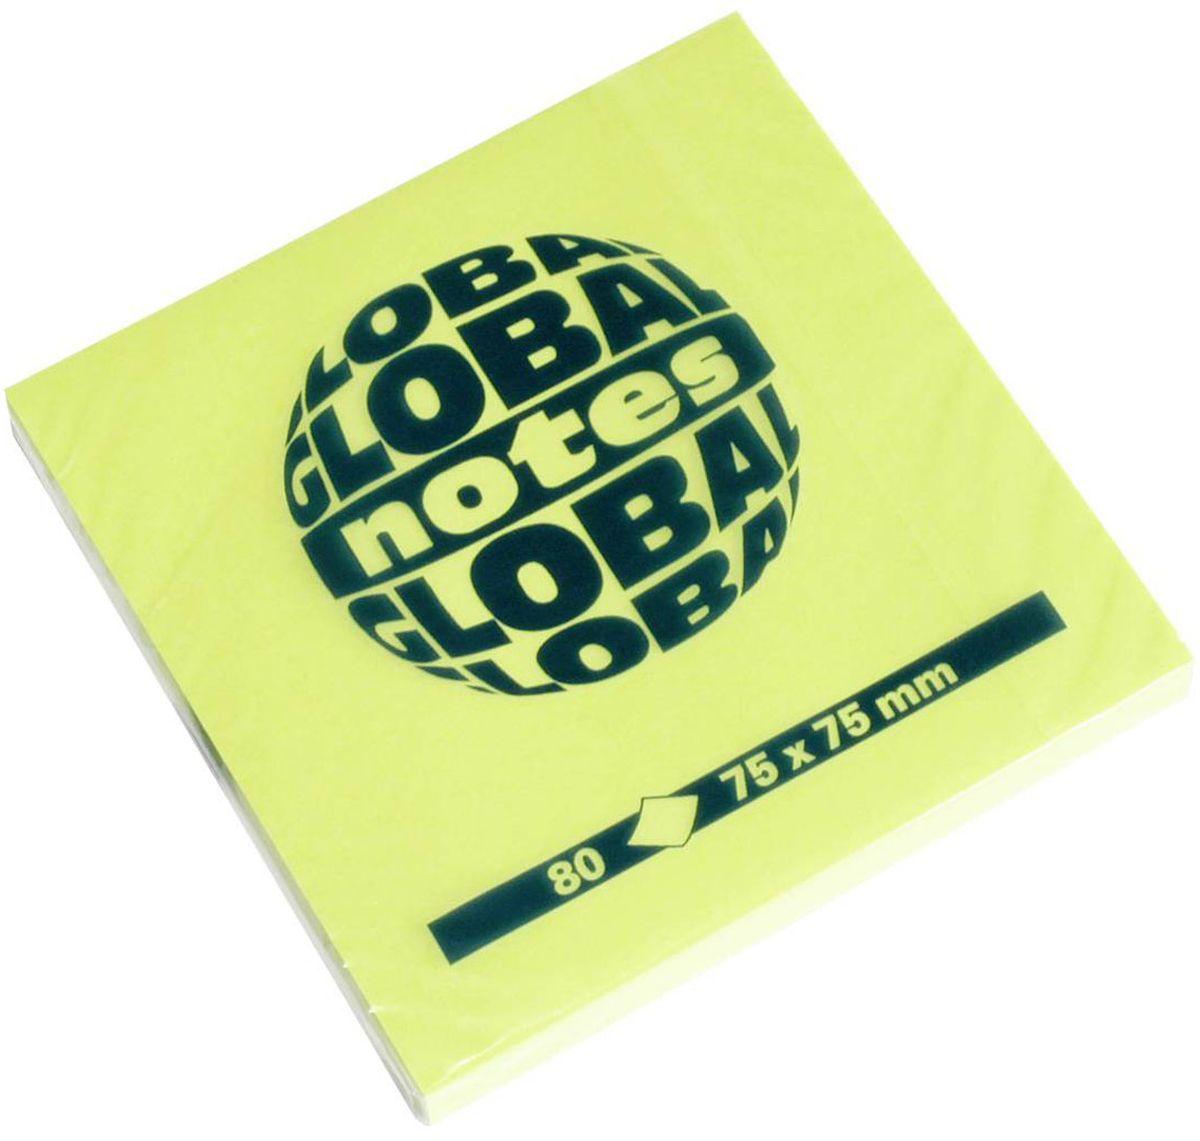 Global Notes Бумага для заметок с липким слоем цвет зеленый 80 листов365433Бумага для заметок с липким слоем. Идеально подходит для информации, требующей особого внимания. Яркая цветовая гамма. Размер 75х75 мм. Цвет - ярко-зеленый. В блоке 80 листов Плотность бумаги 70гр/м2